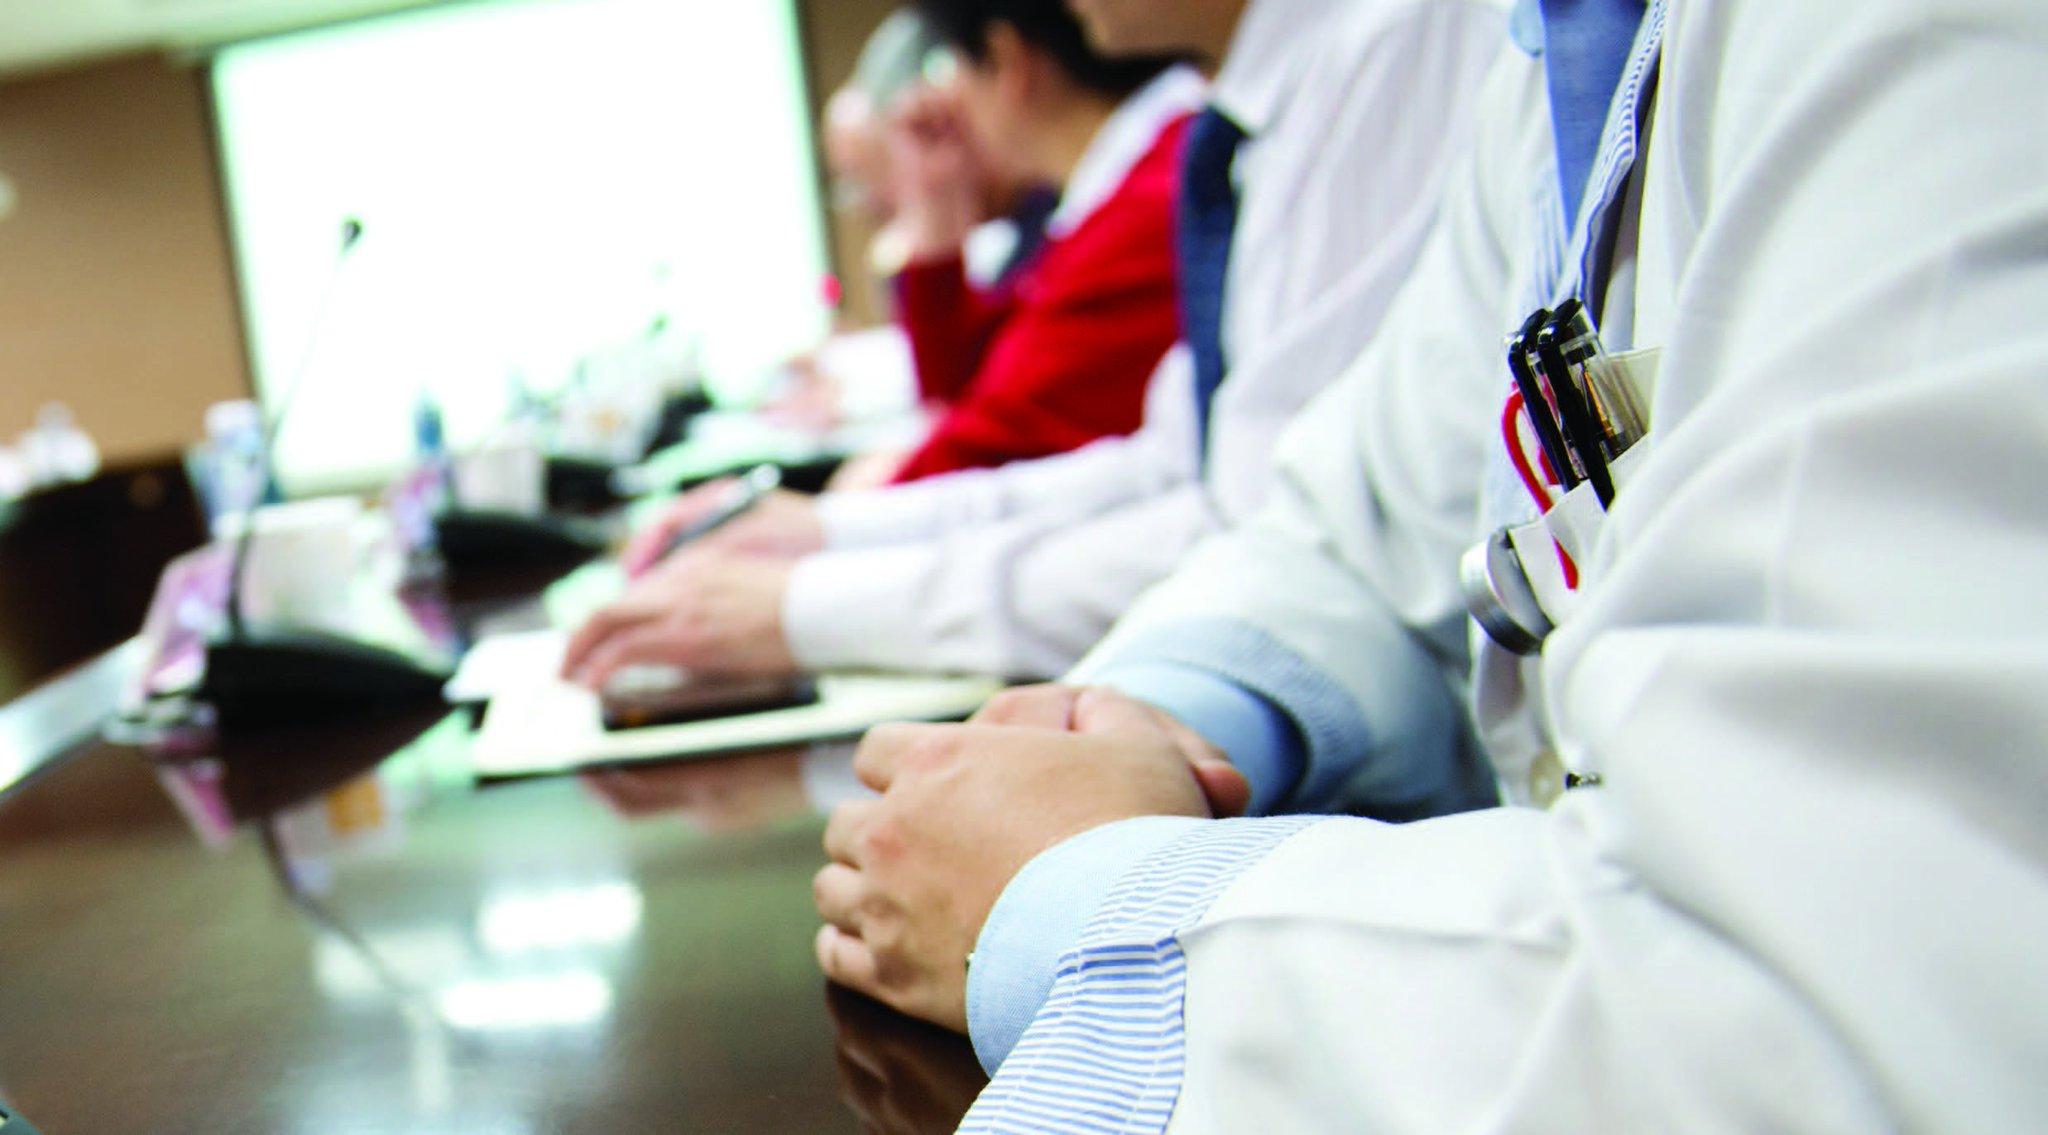 Региональная научно-практическая конференция «Современные подходы к диагностике и лечению проблем в гинекологии»